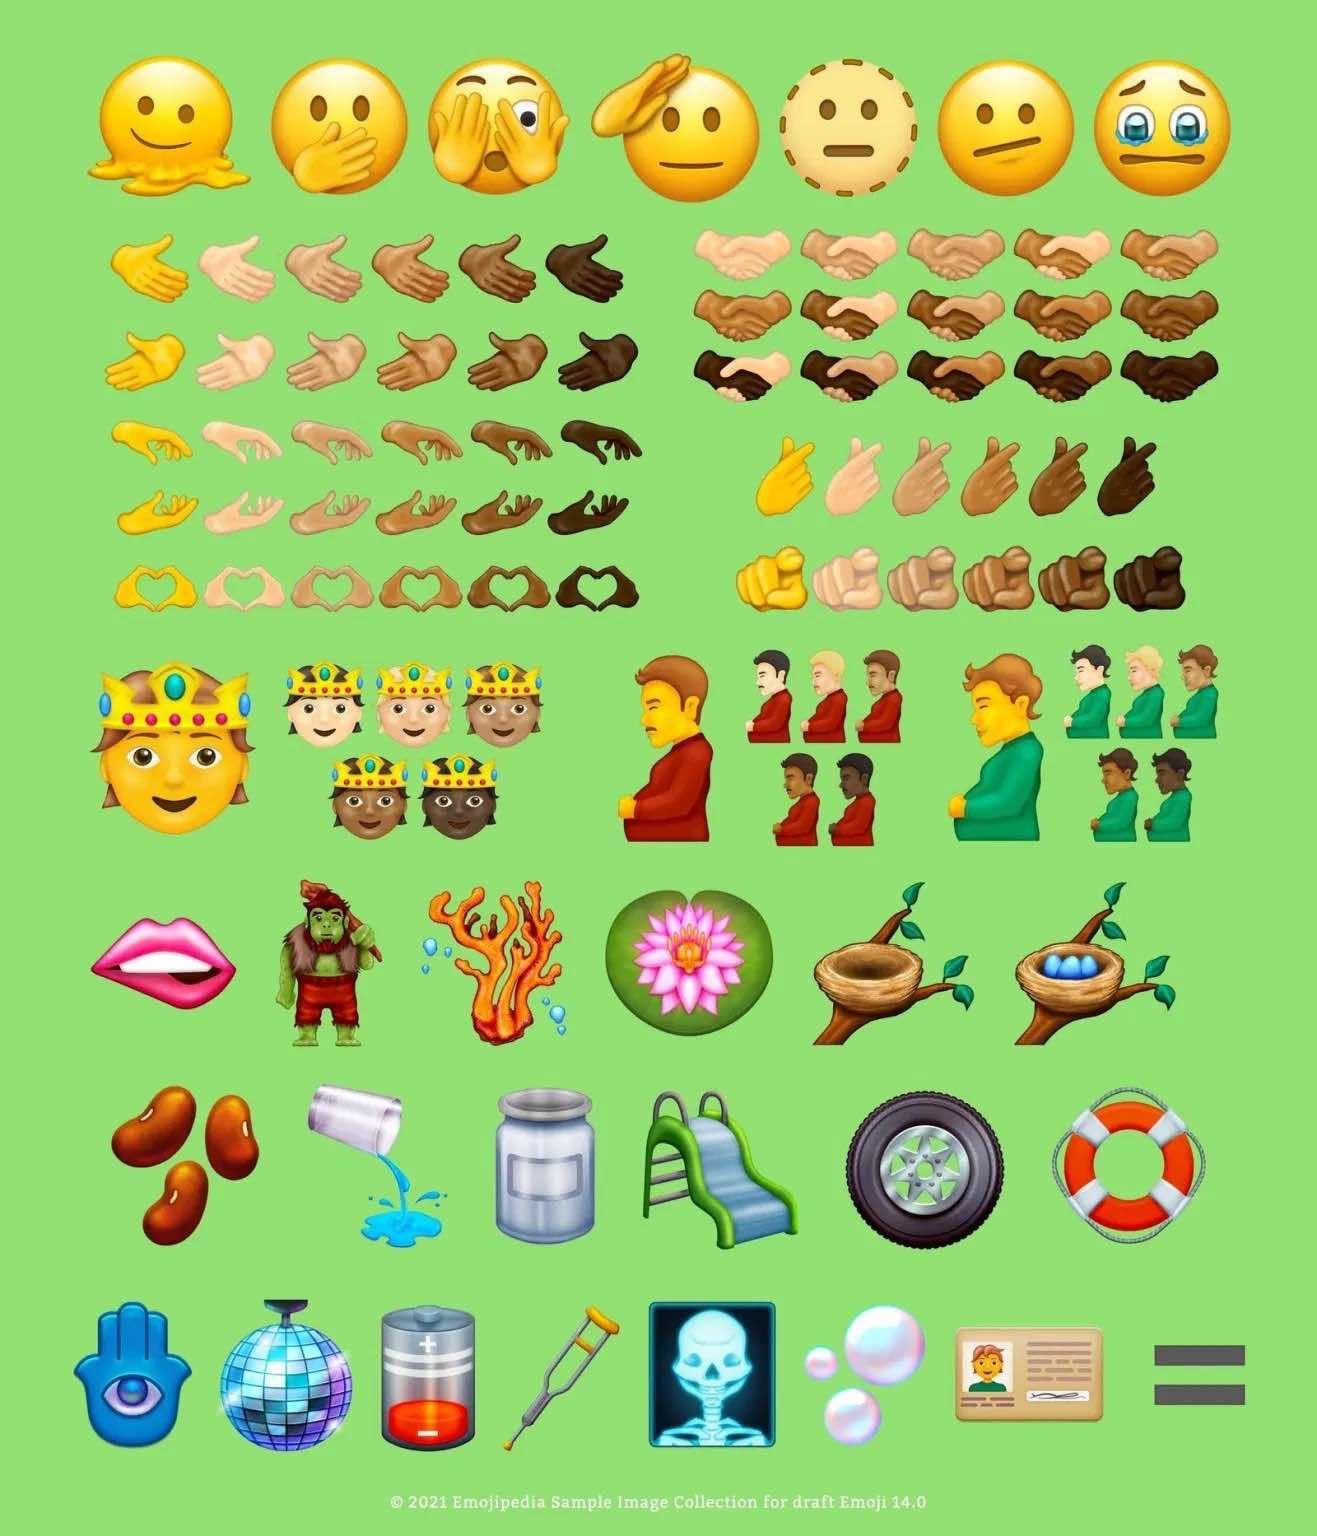 Ponad 100 nowych emoji trafi do iOS 15 i macOS Monetery polecane, ciekawostki nowe emoji, macOS 12 Monterey, iPadOS 15, iOS 15, emoji  Emojipedia udostępniła obrazy nadchodzących emoji, które pojawią się w iOS 15, iPadOS 15 i macOS Monterey. Oto one! emoji iOS15